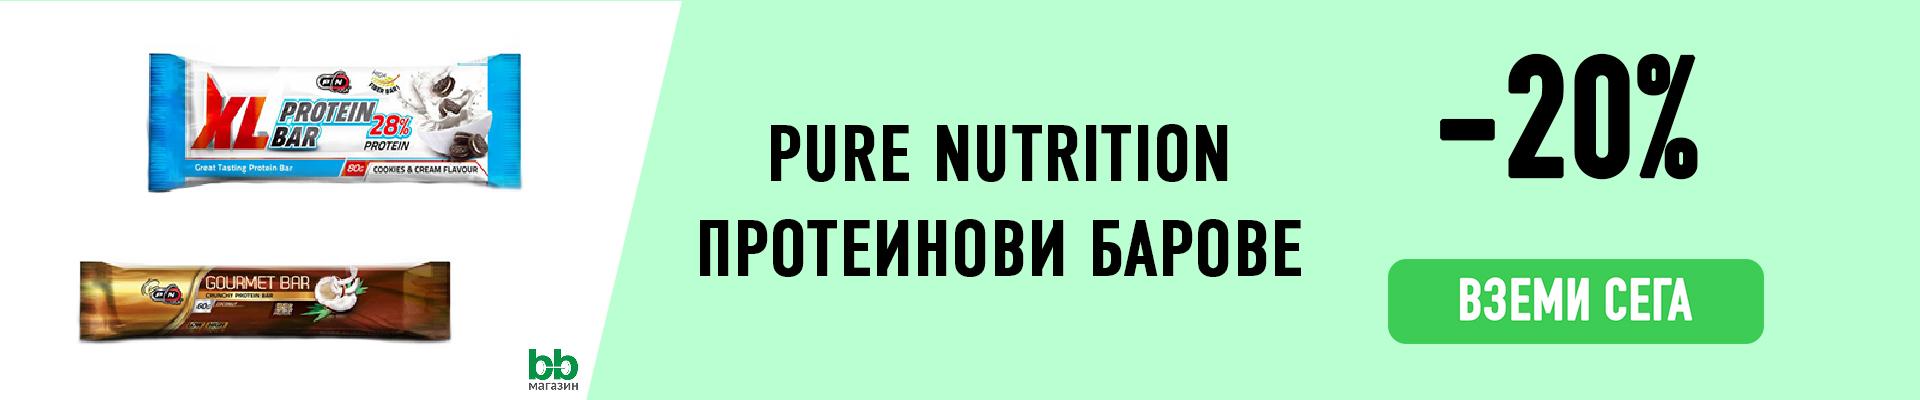 Протеинови барове от Pure Nutrition с отстъпка